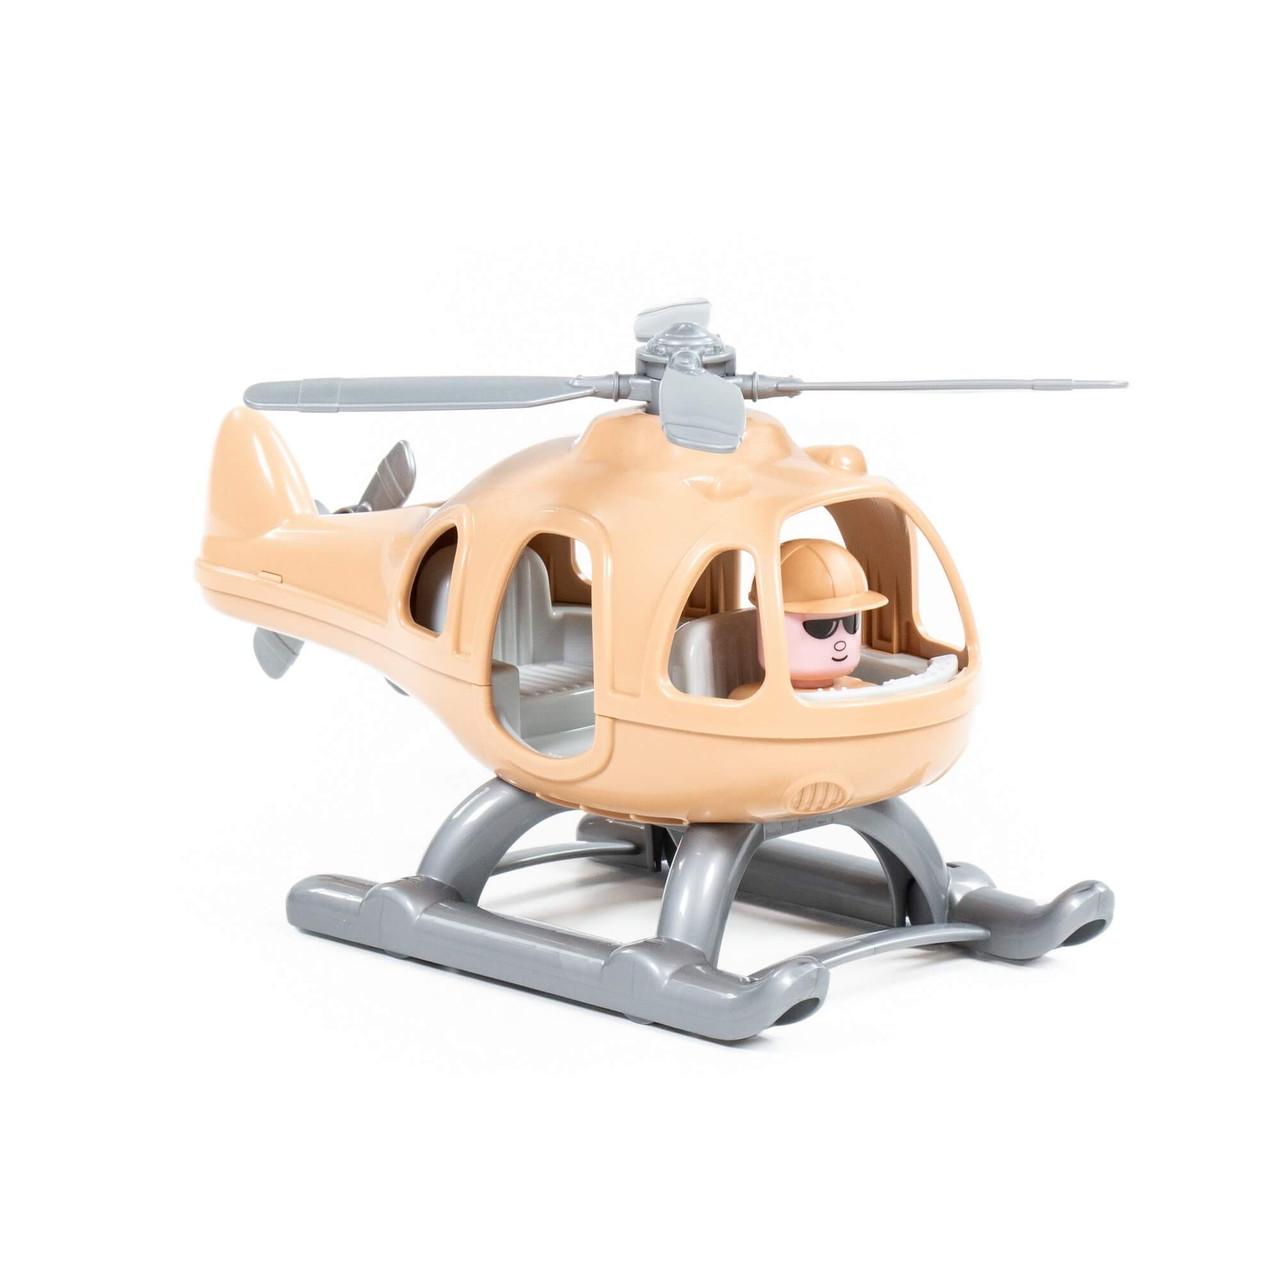 Игрушка вертолёт военный Гром-Сафари, Полесье - фото 1